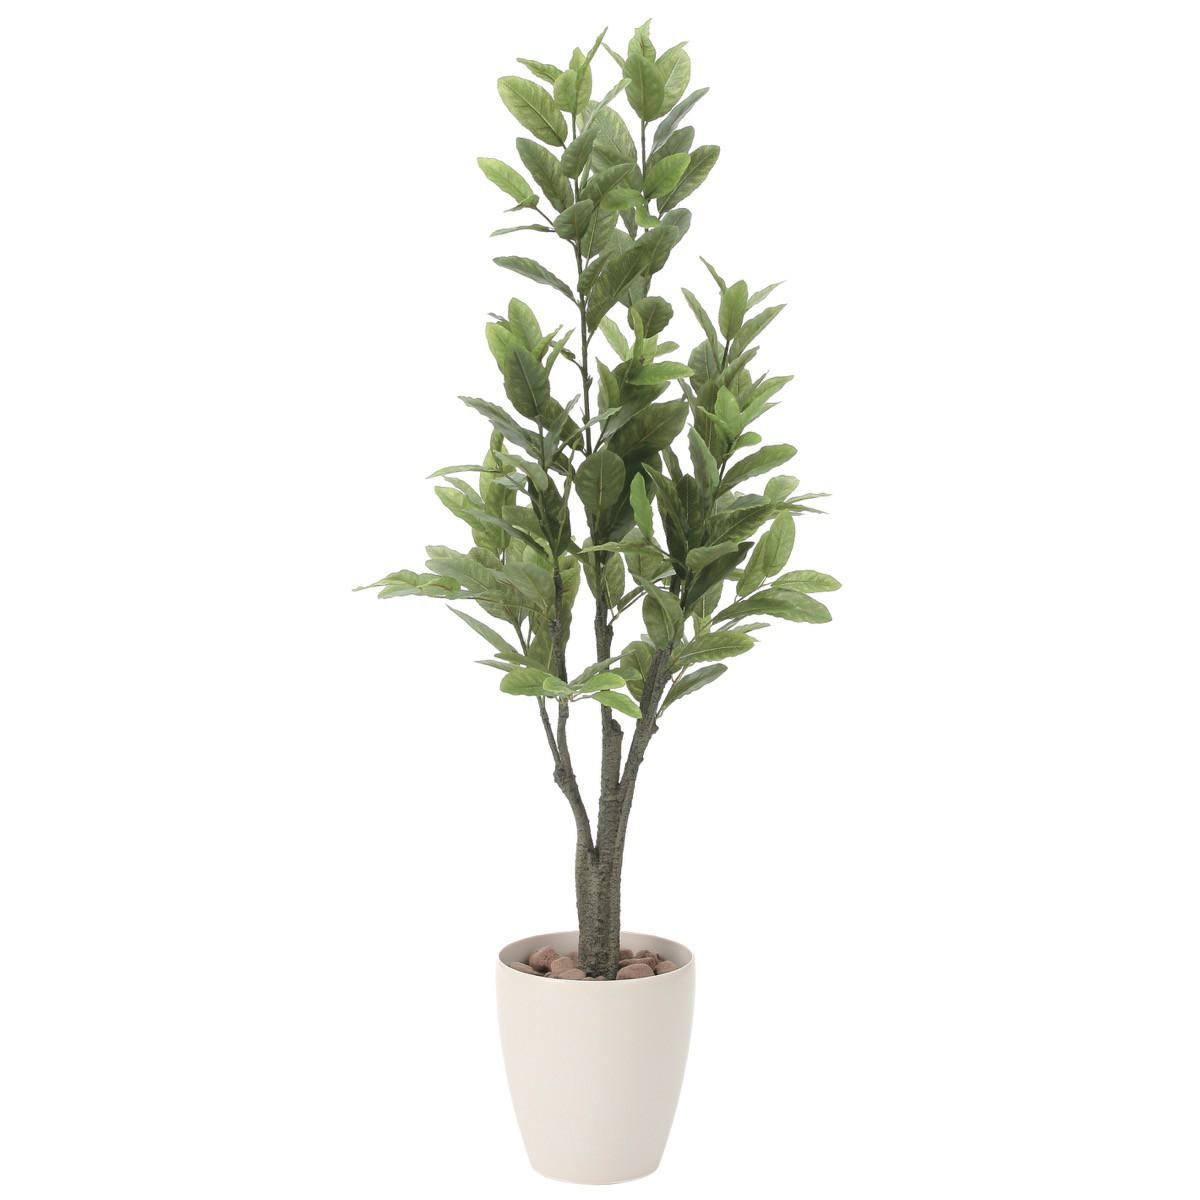 人工観葉植物 フェイクグリーン 観葉植物 造花 レモン 125cm 鉢植 光触媒 インテリア おしゃれ フェイク グリーン